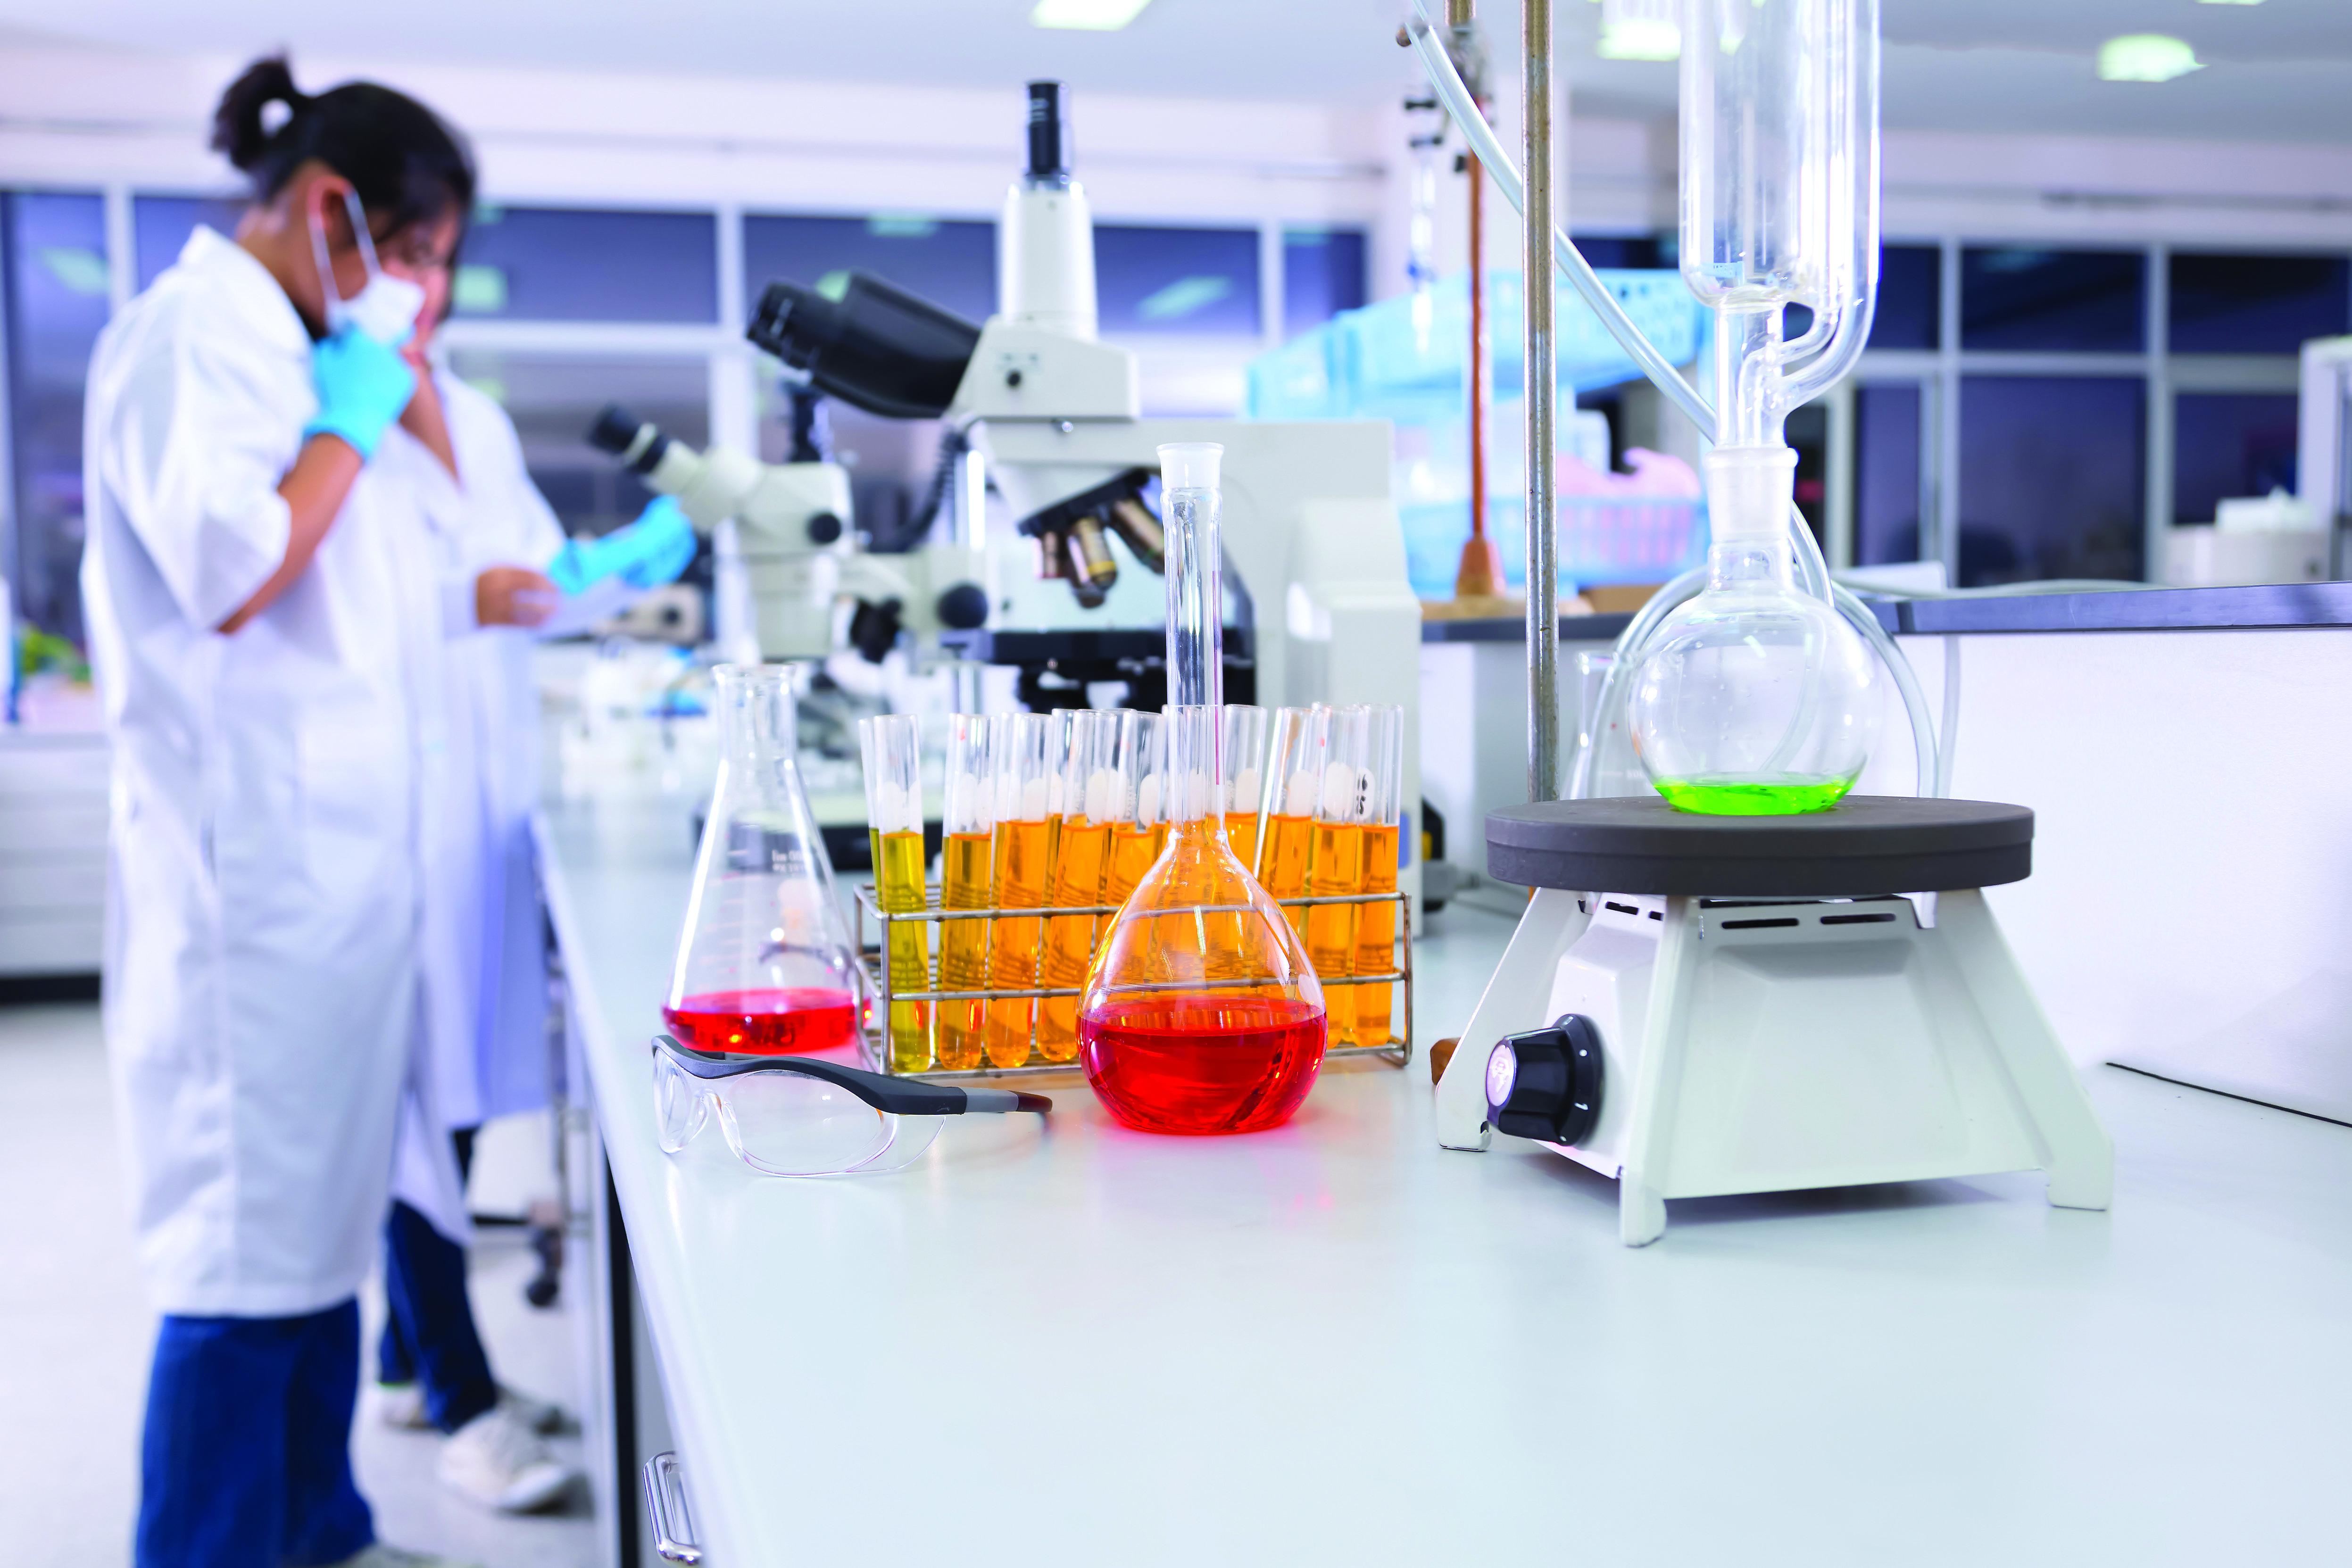 ВСША будут изучать смертоносные вирусы